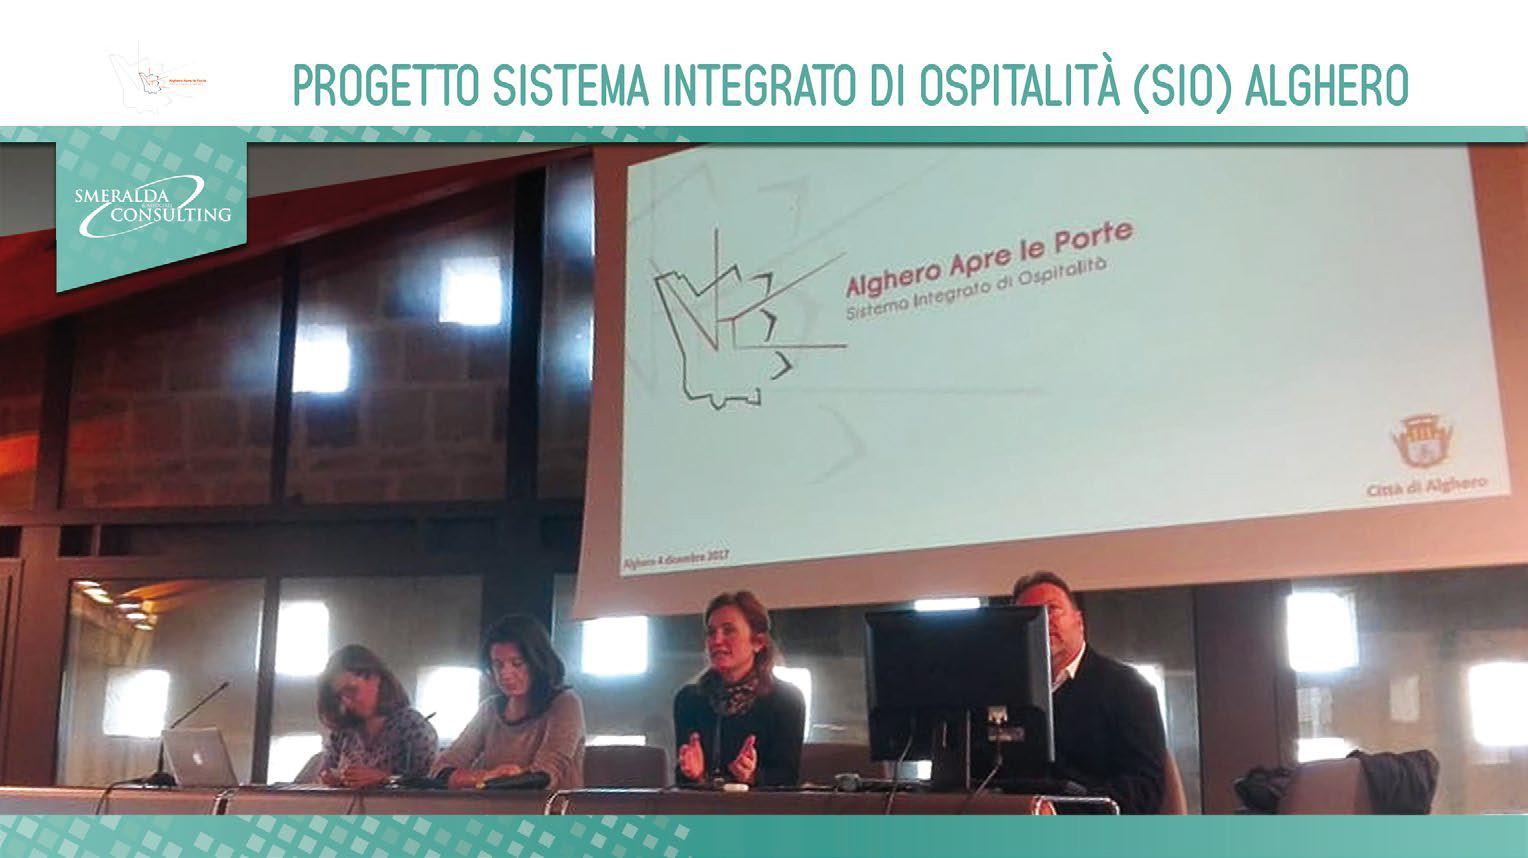 Progetto Sistema Integrato di Ospitalità (SIO) Alghero